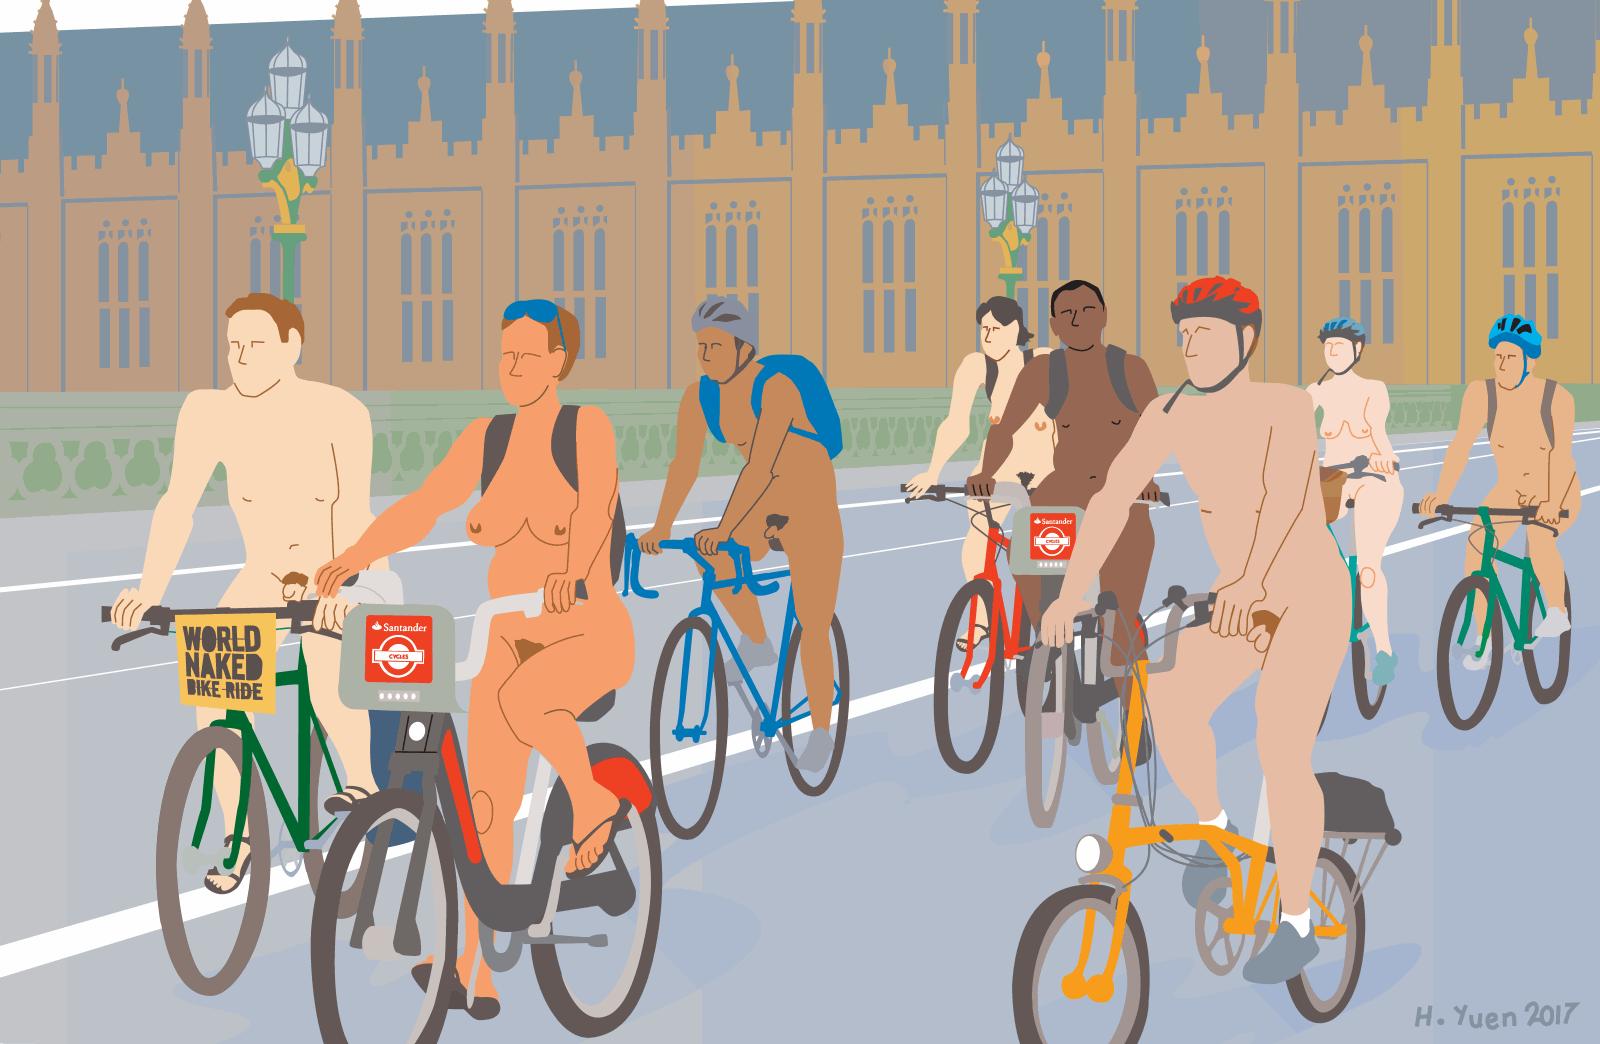 WNBR London crossing Westminster Bridge © Henry Yuen